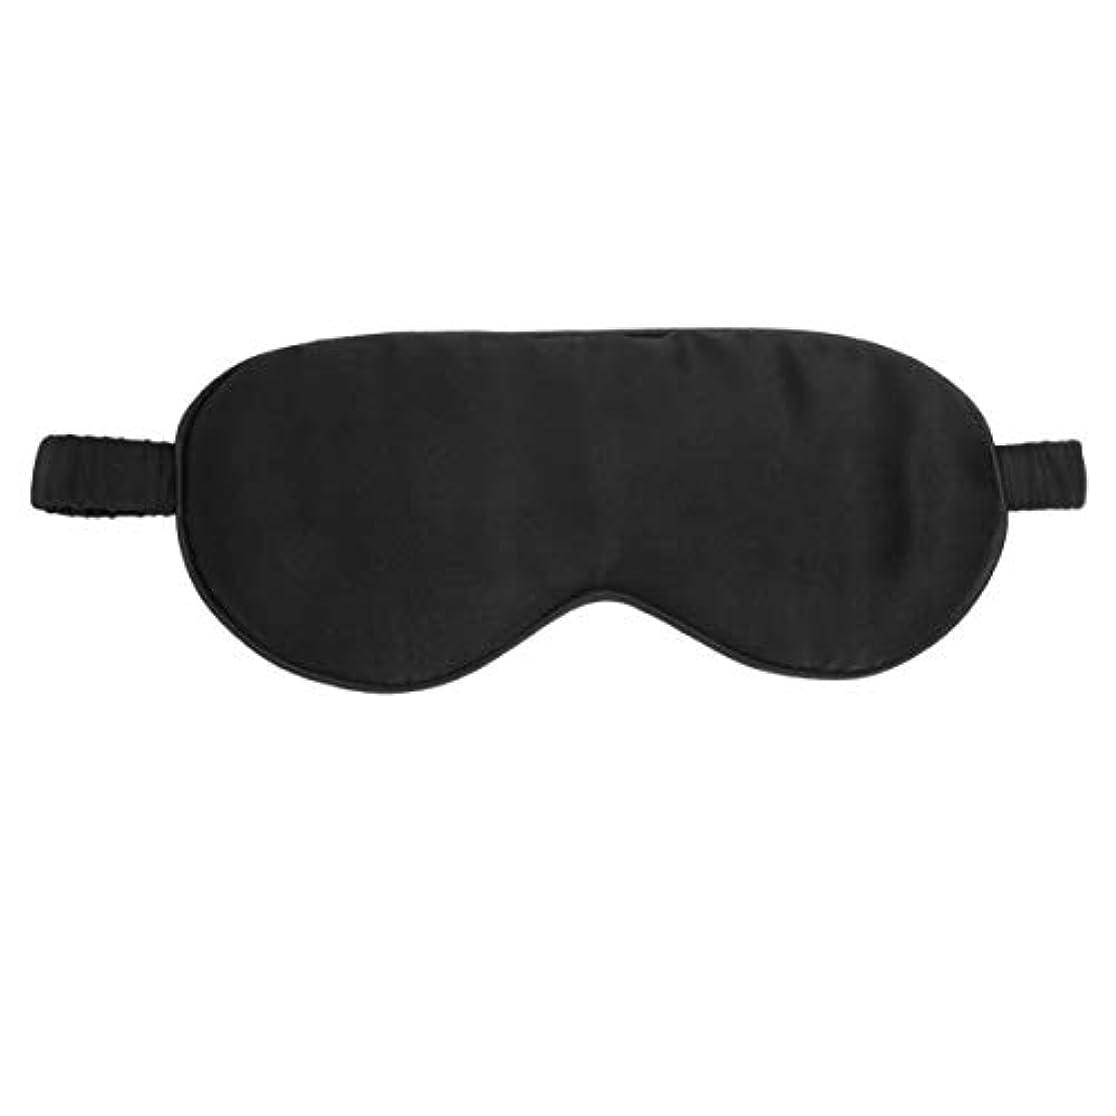 マトリックスヒップケープHealifty アイマスク調節可能な睡眠マスクアイカバー(黒)